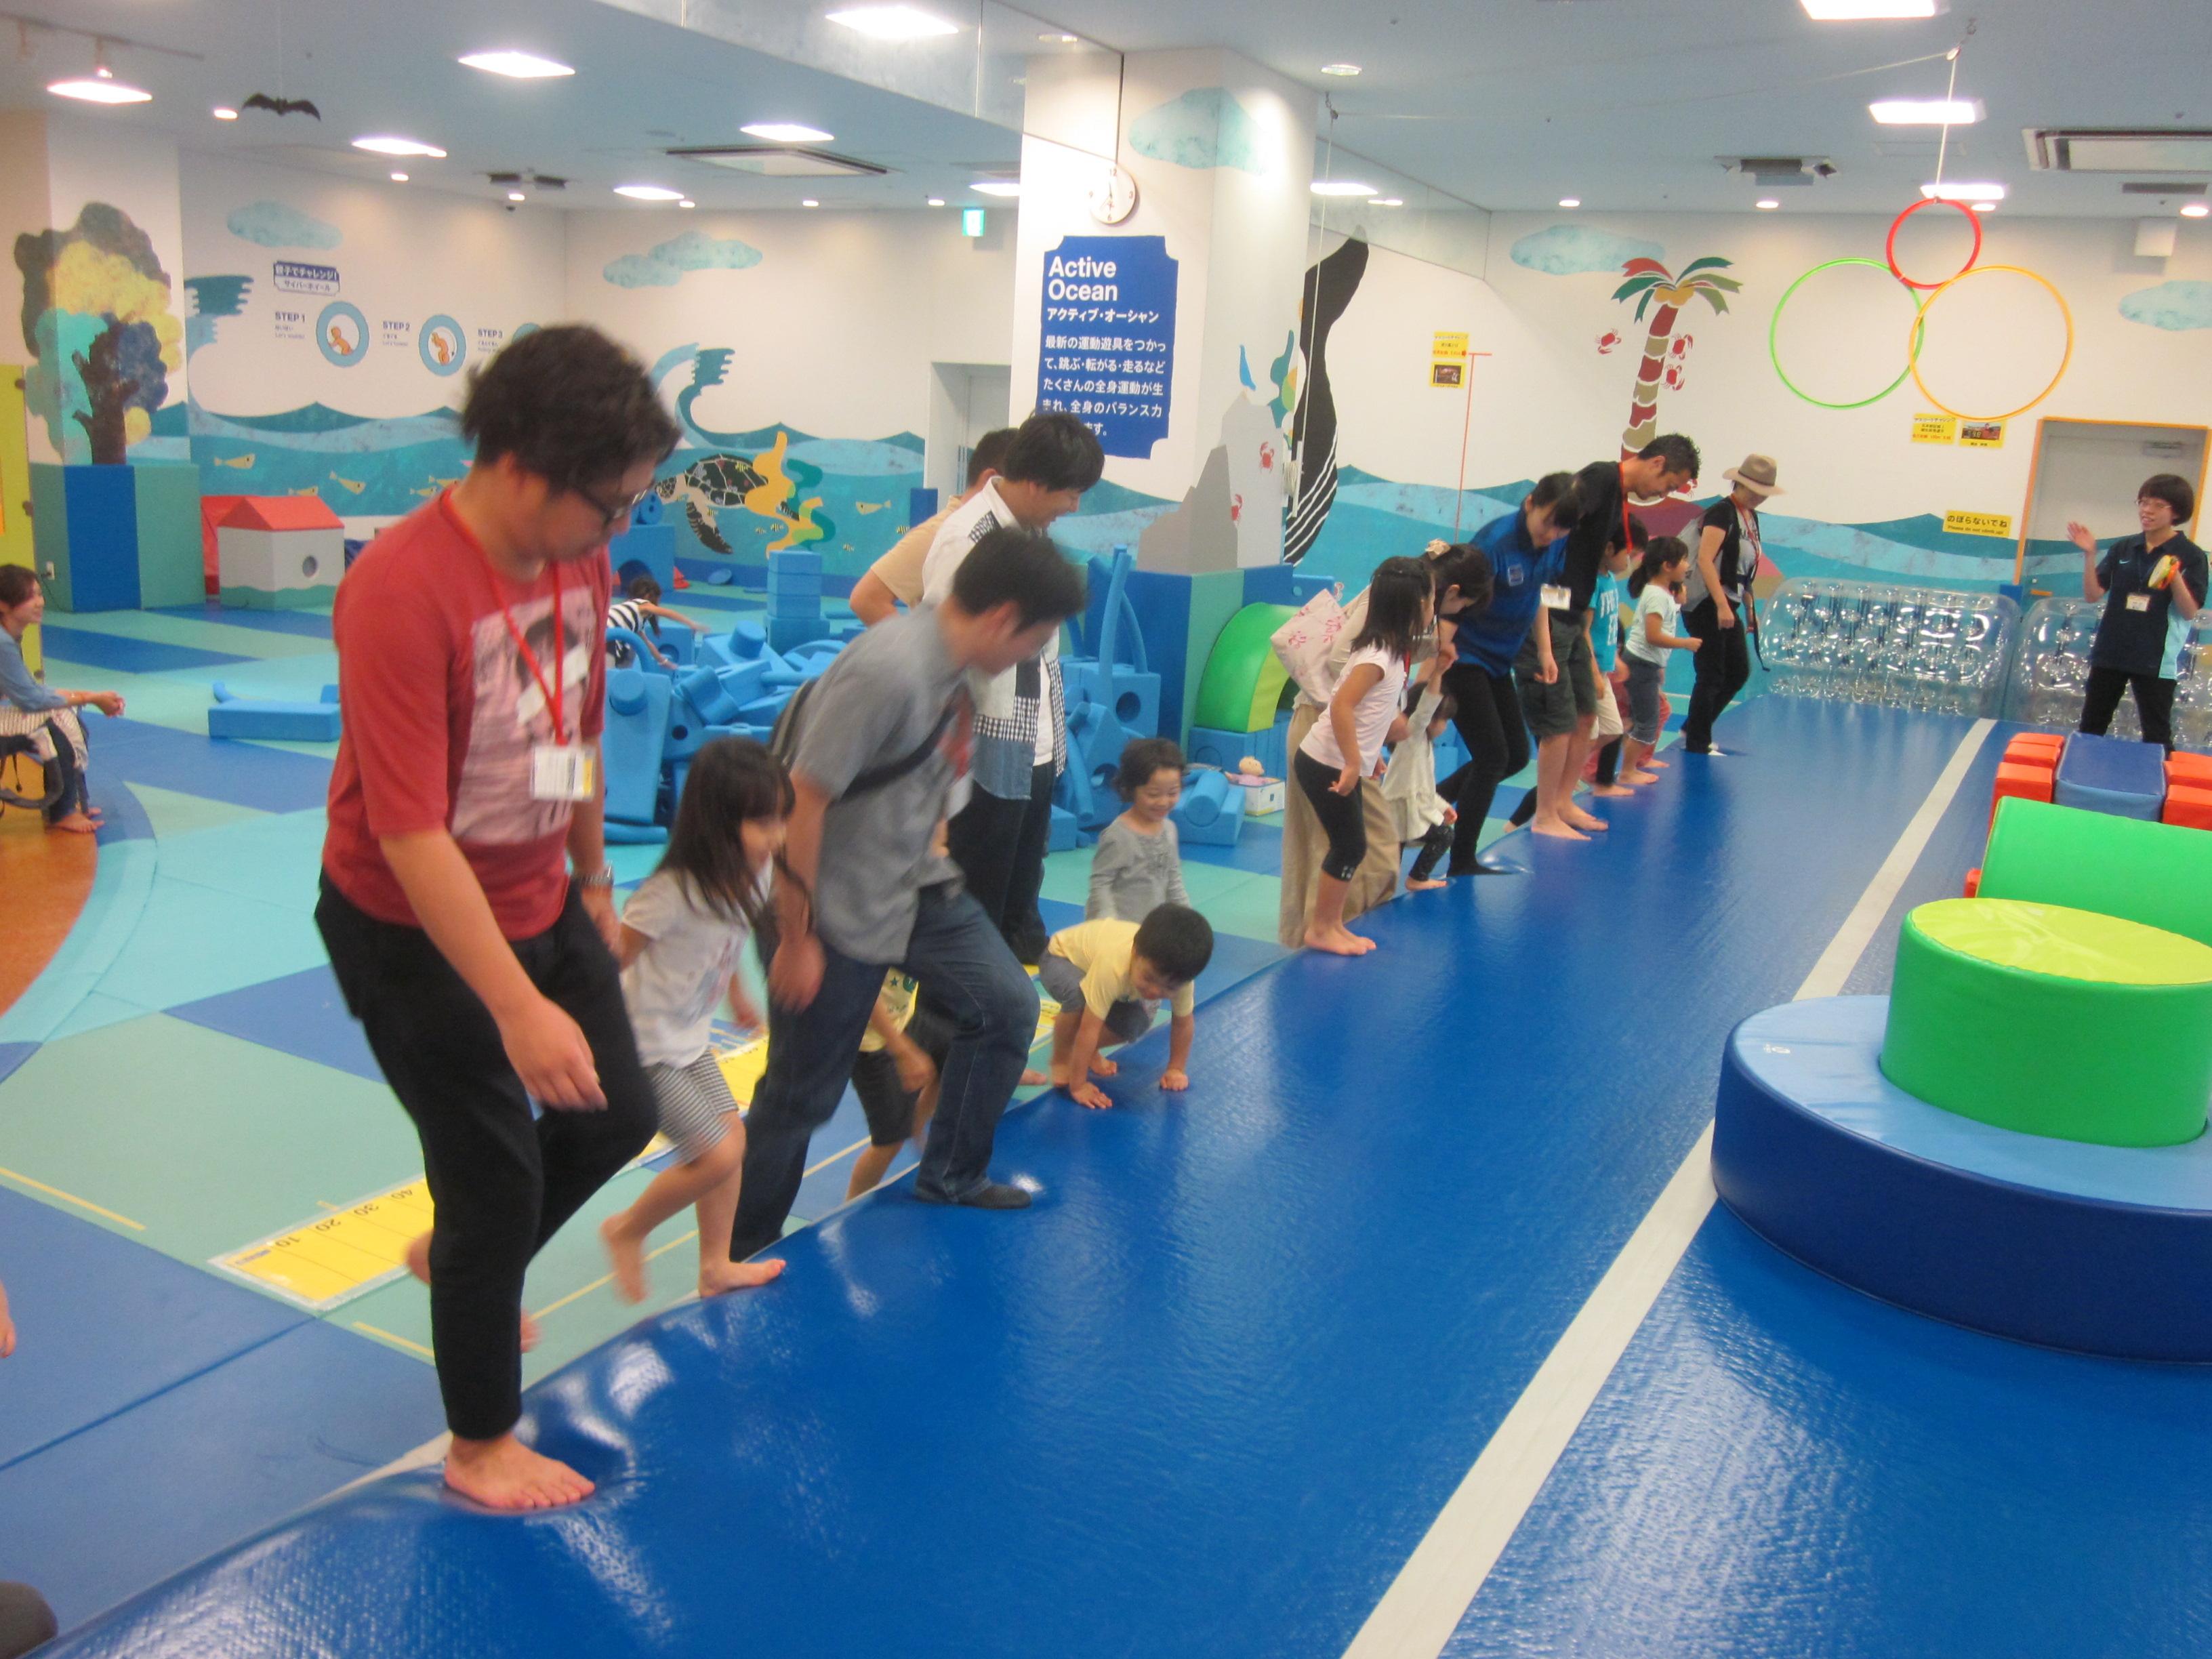 【スポーツの秋】アスリートチャレンジ「走って、跳んで、障害物競争!」を行いました